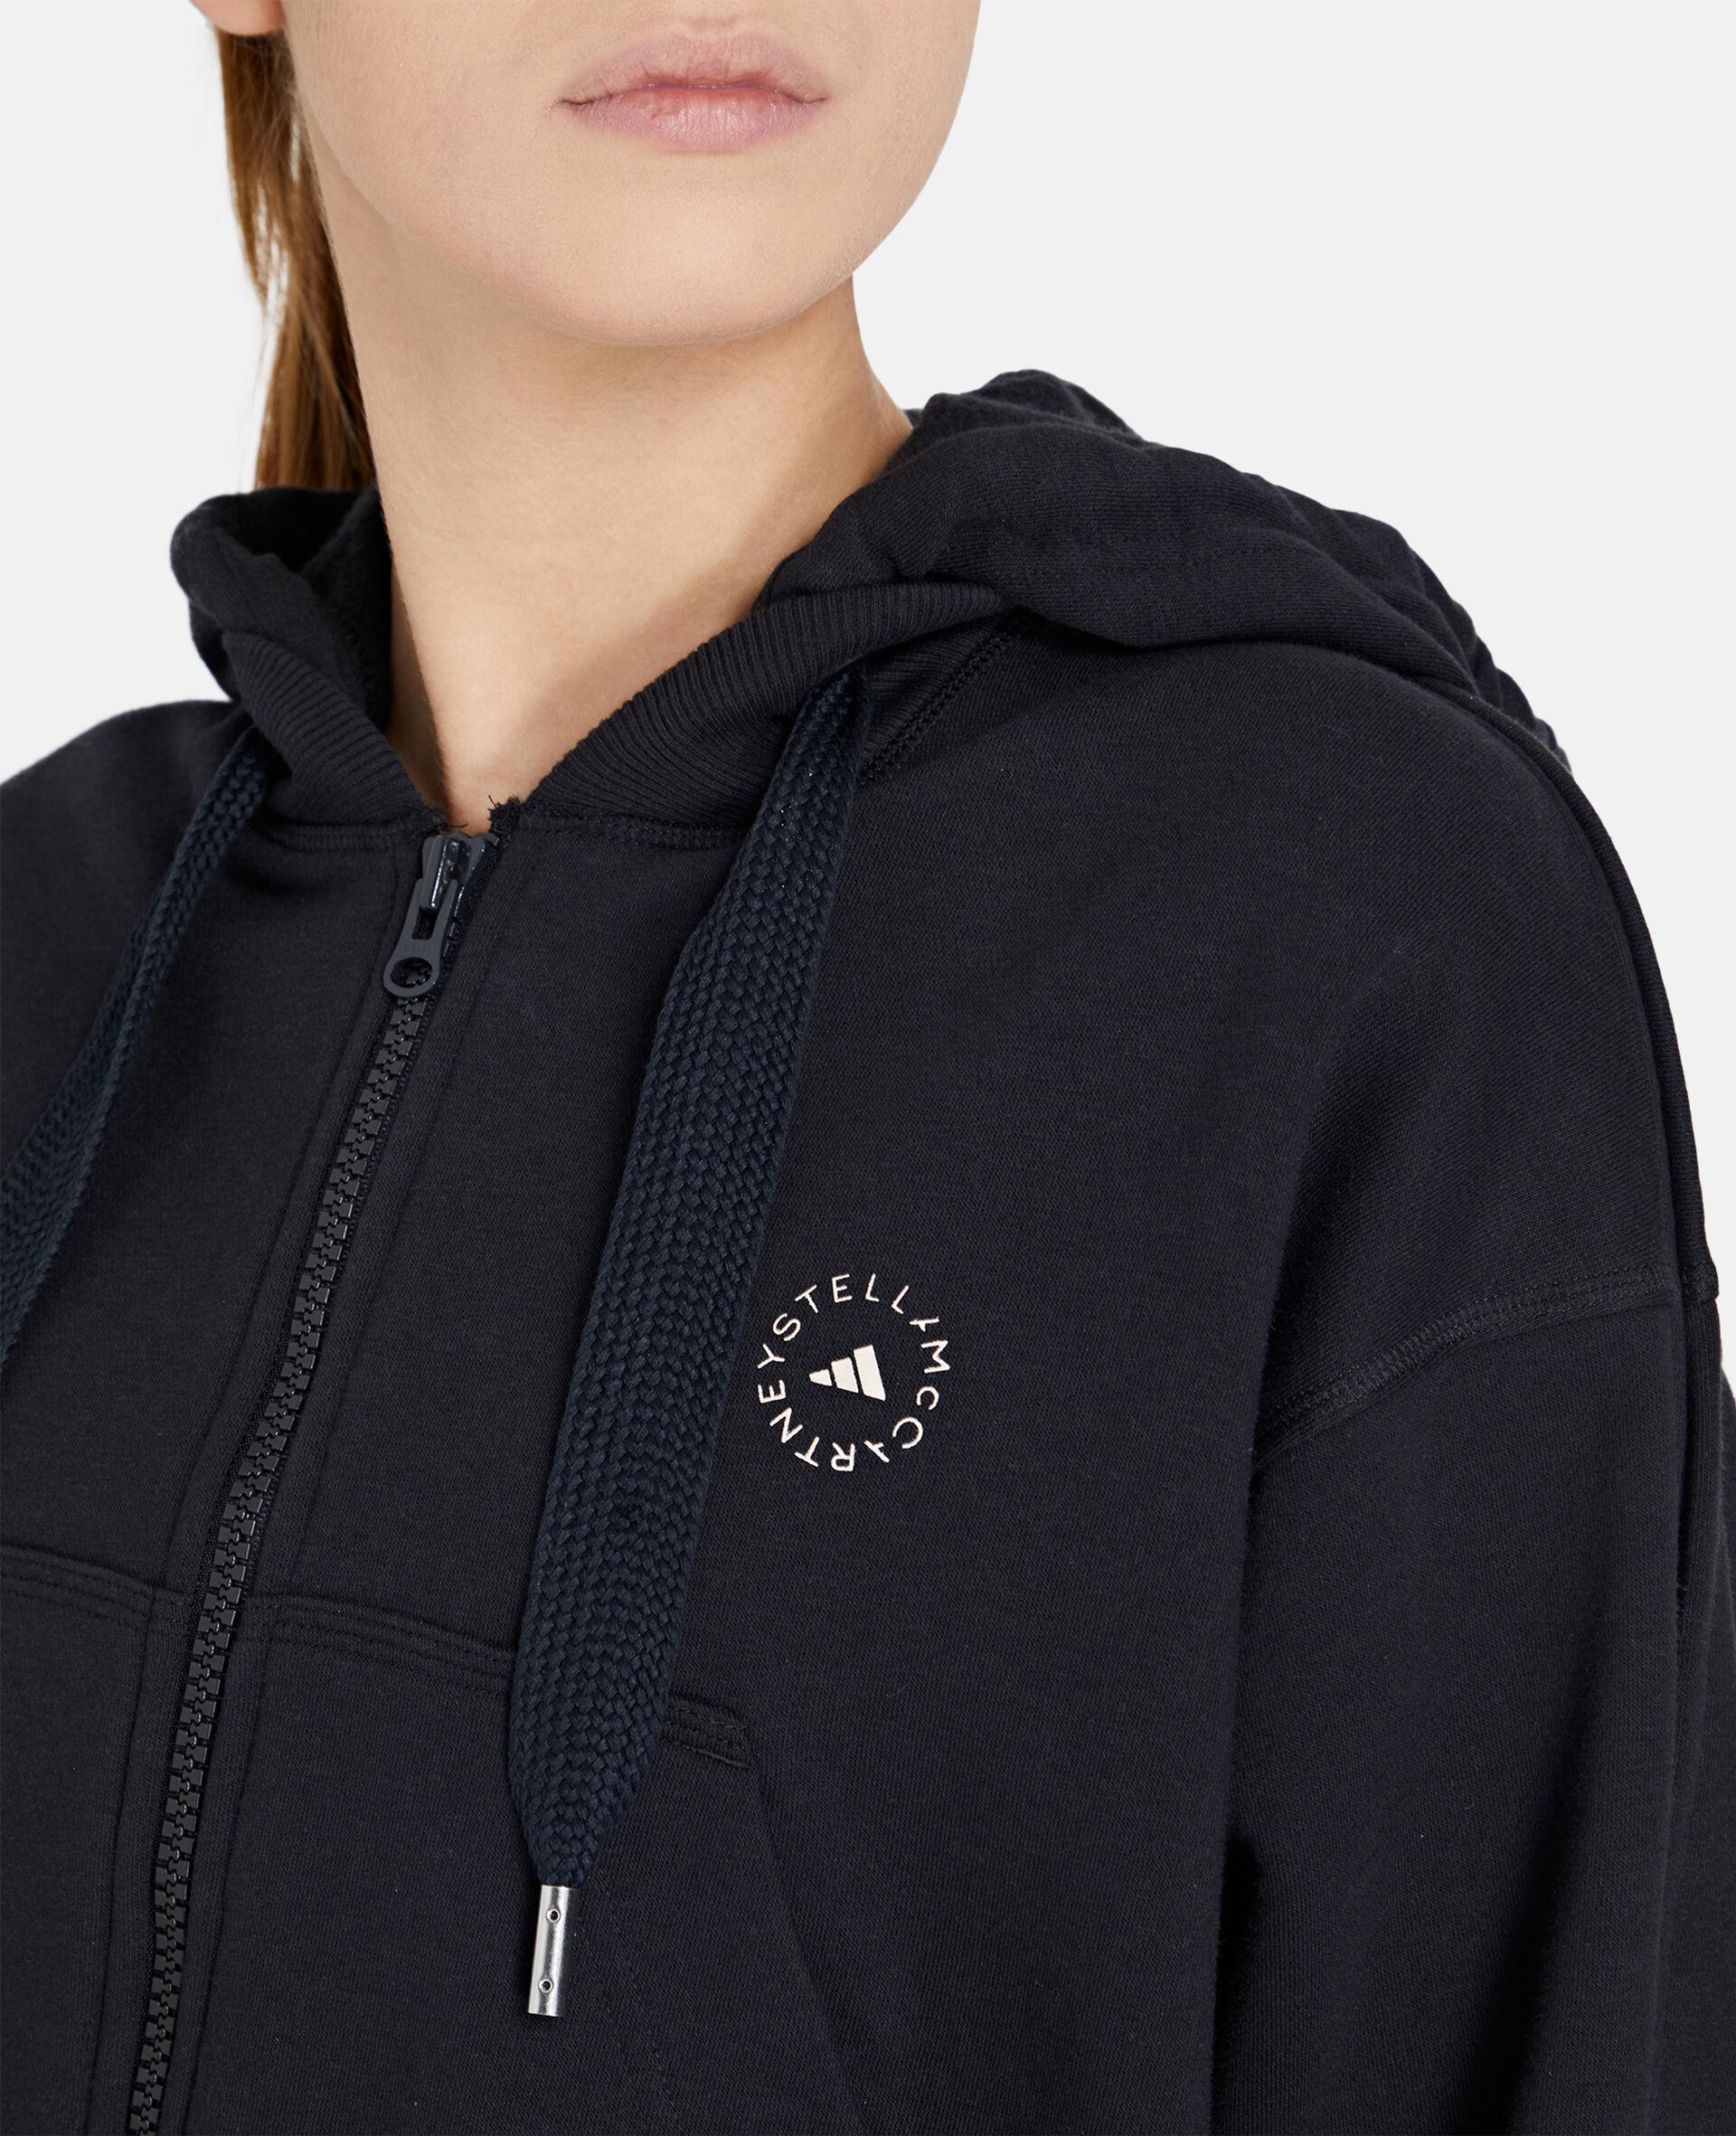 Black Full-zipper Cropped Hoodie-Black-large image number 3